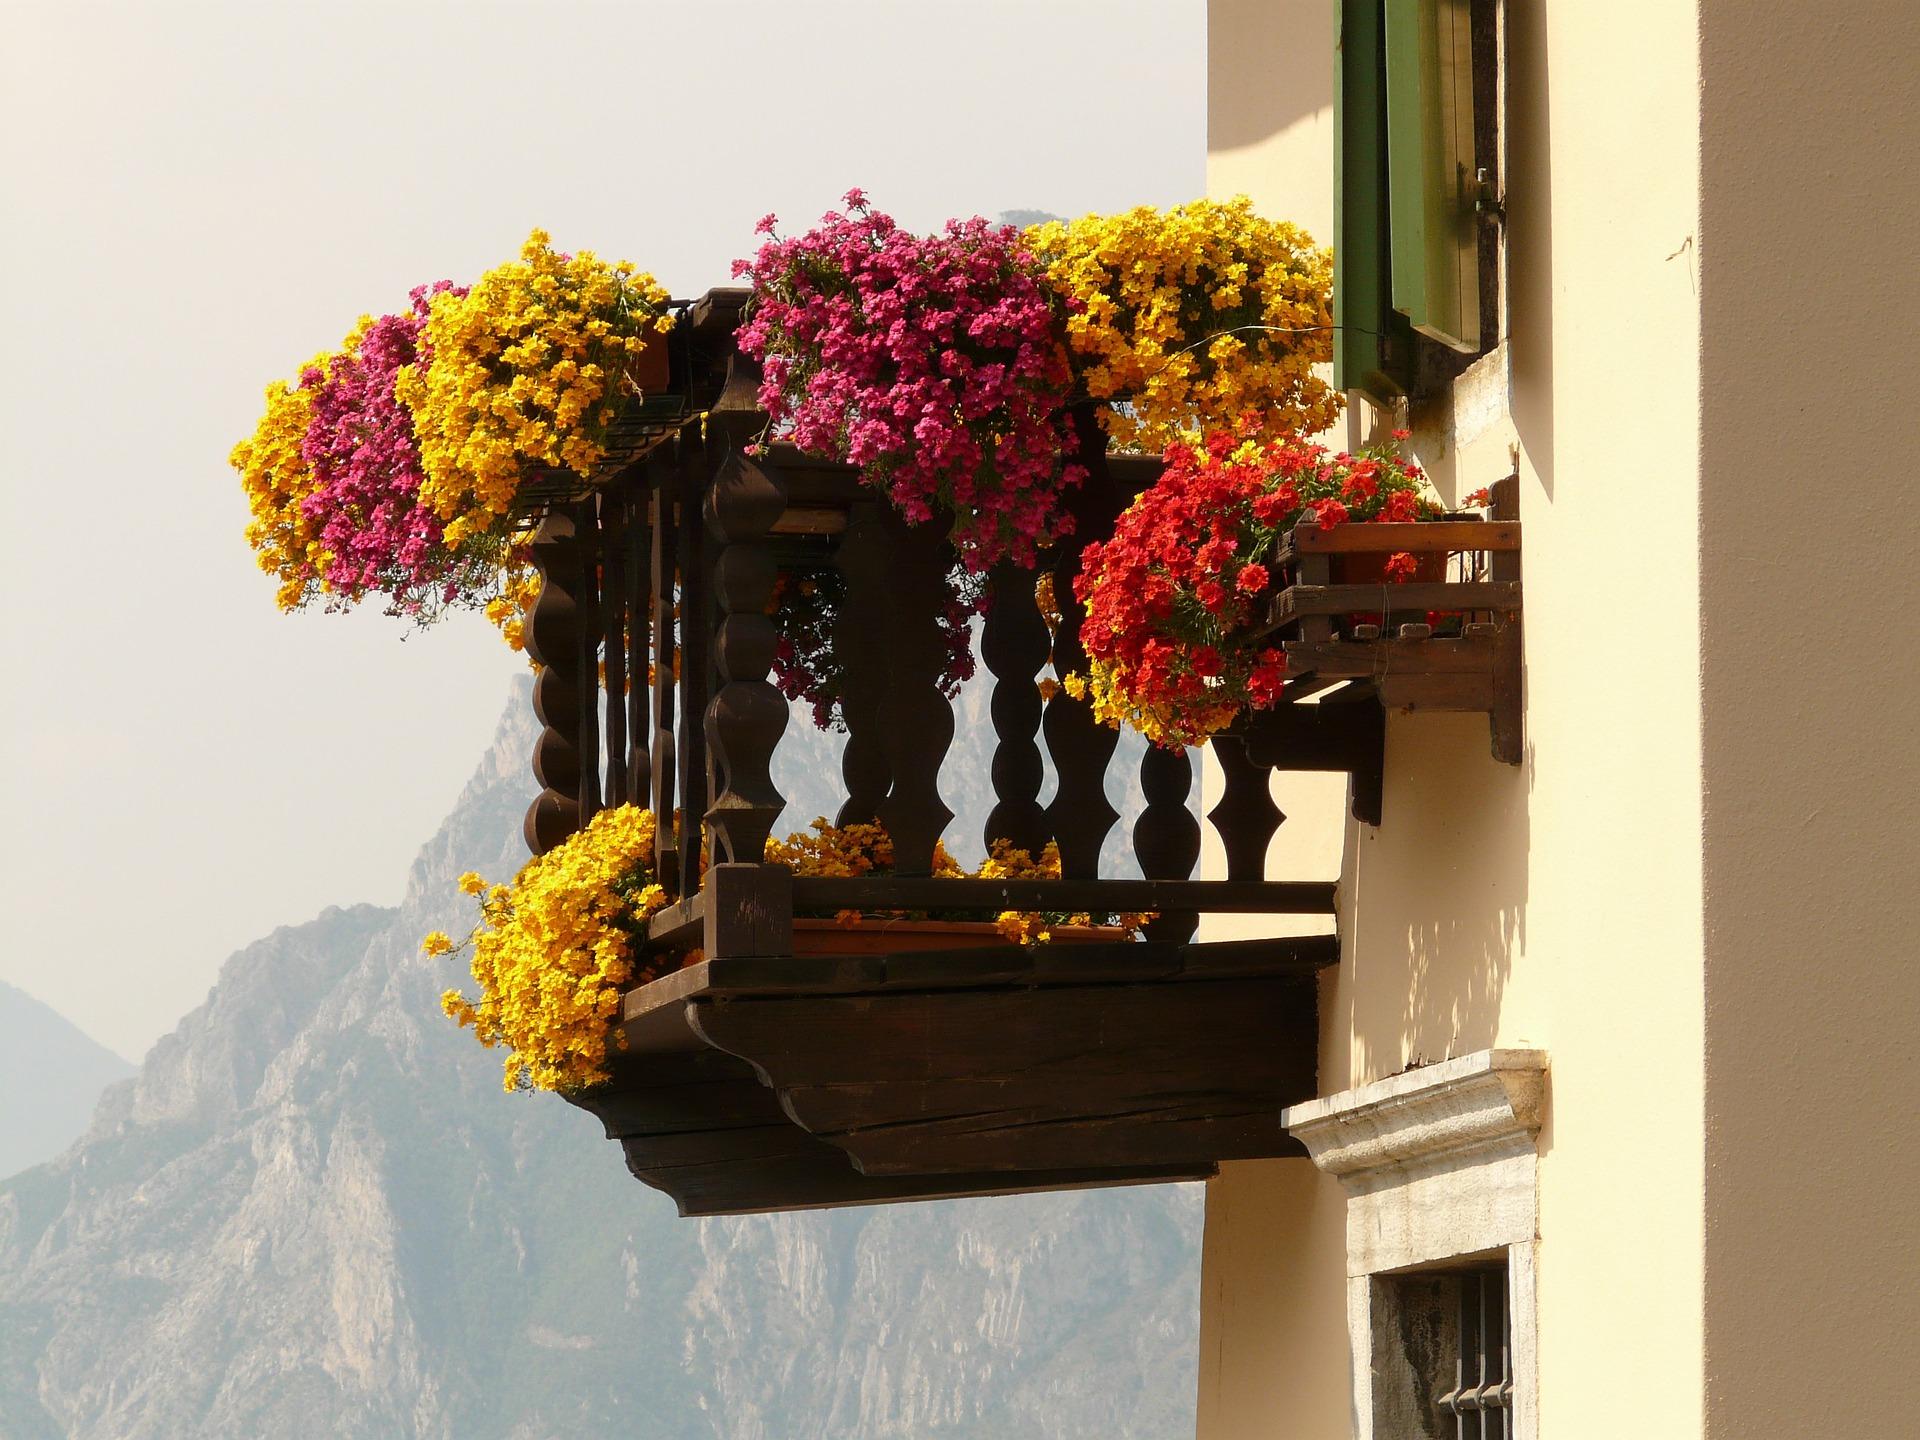 balcony-7112_1920